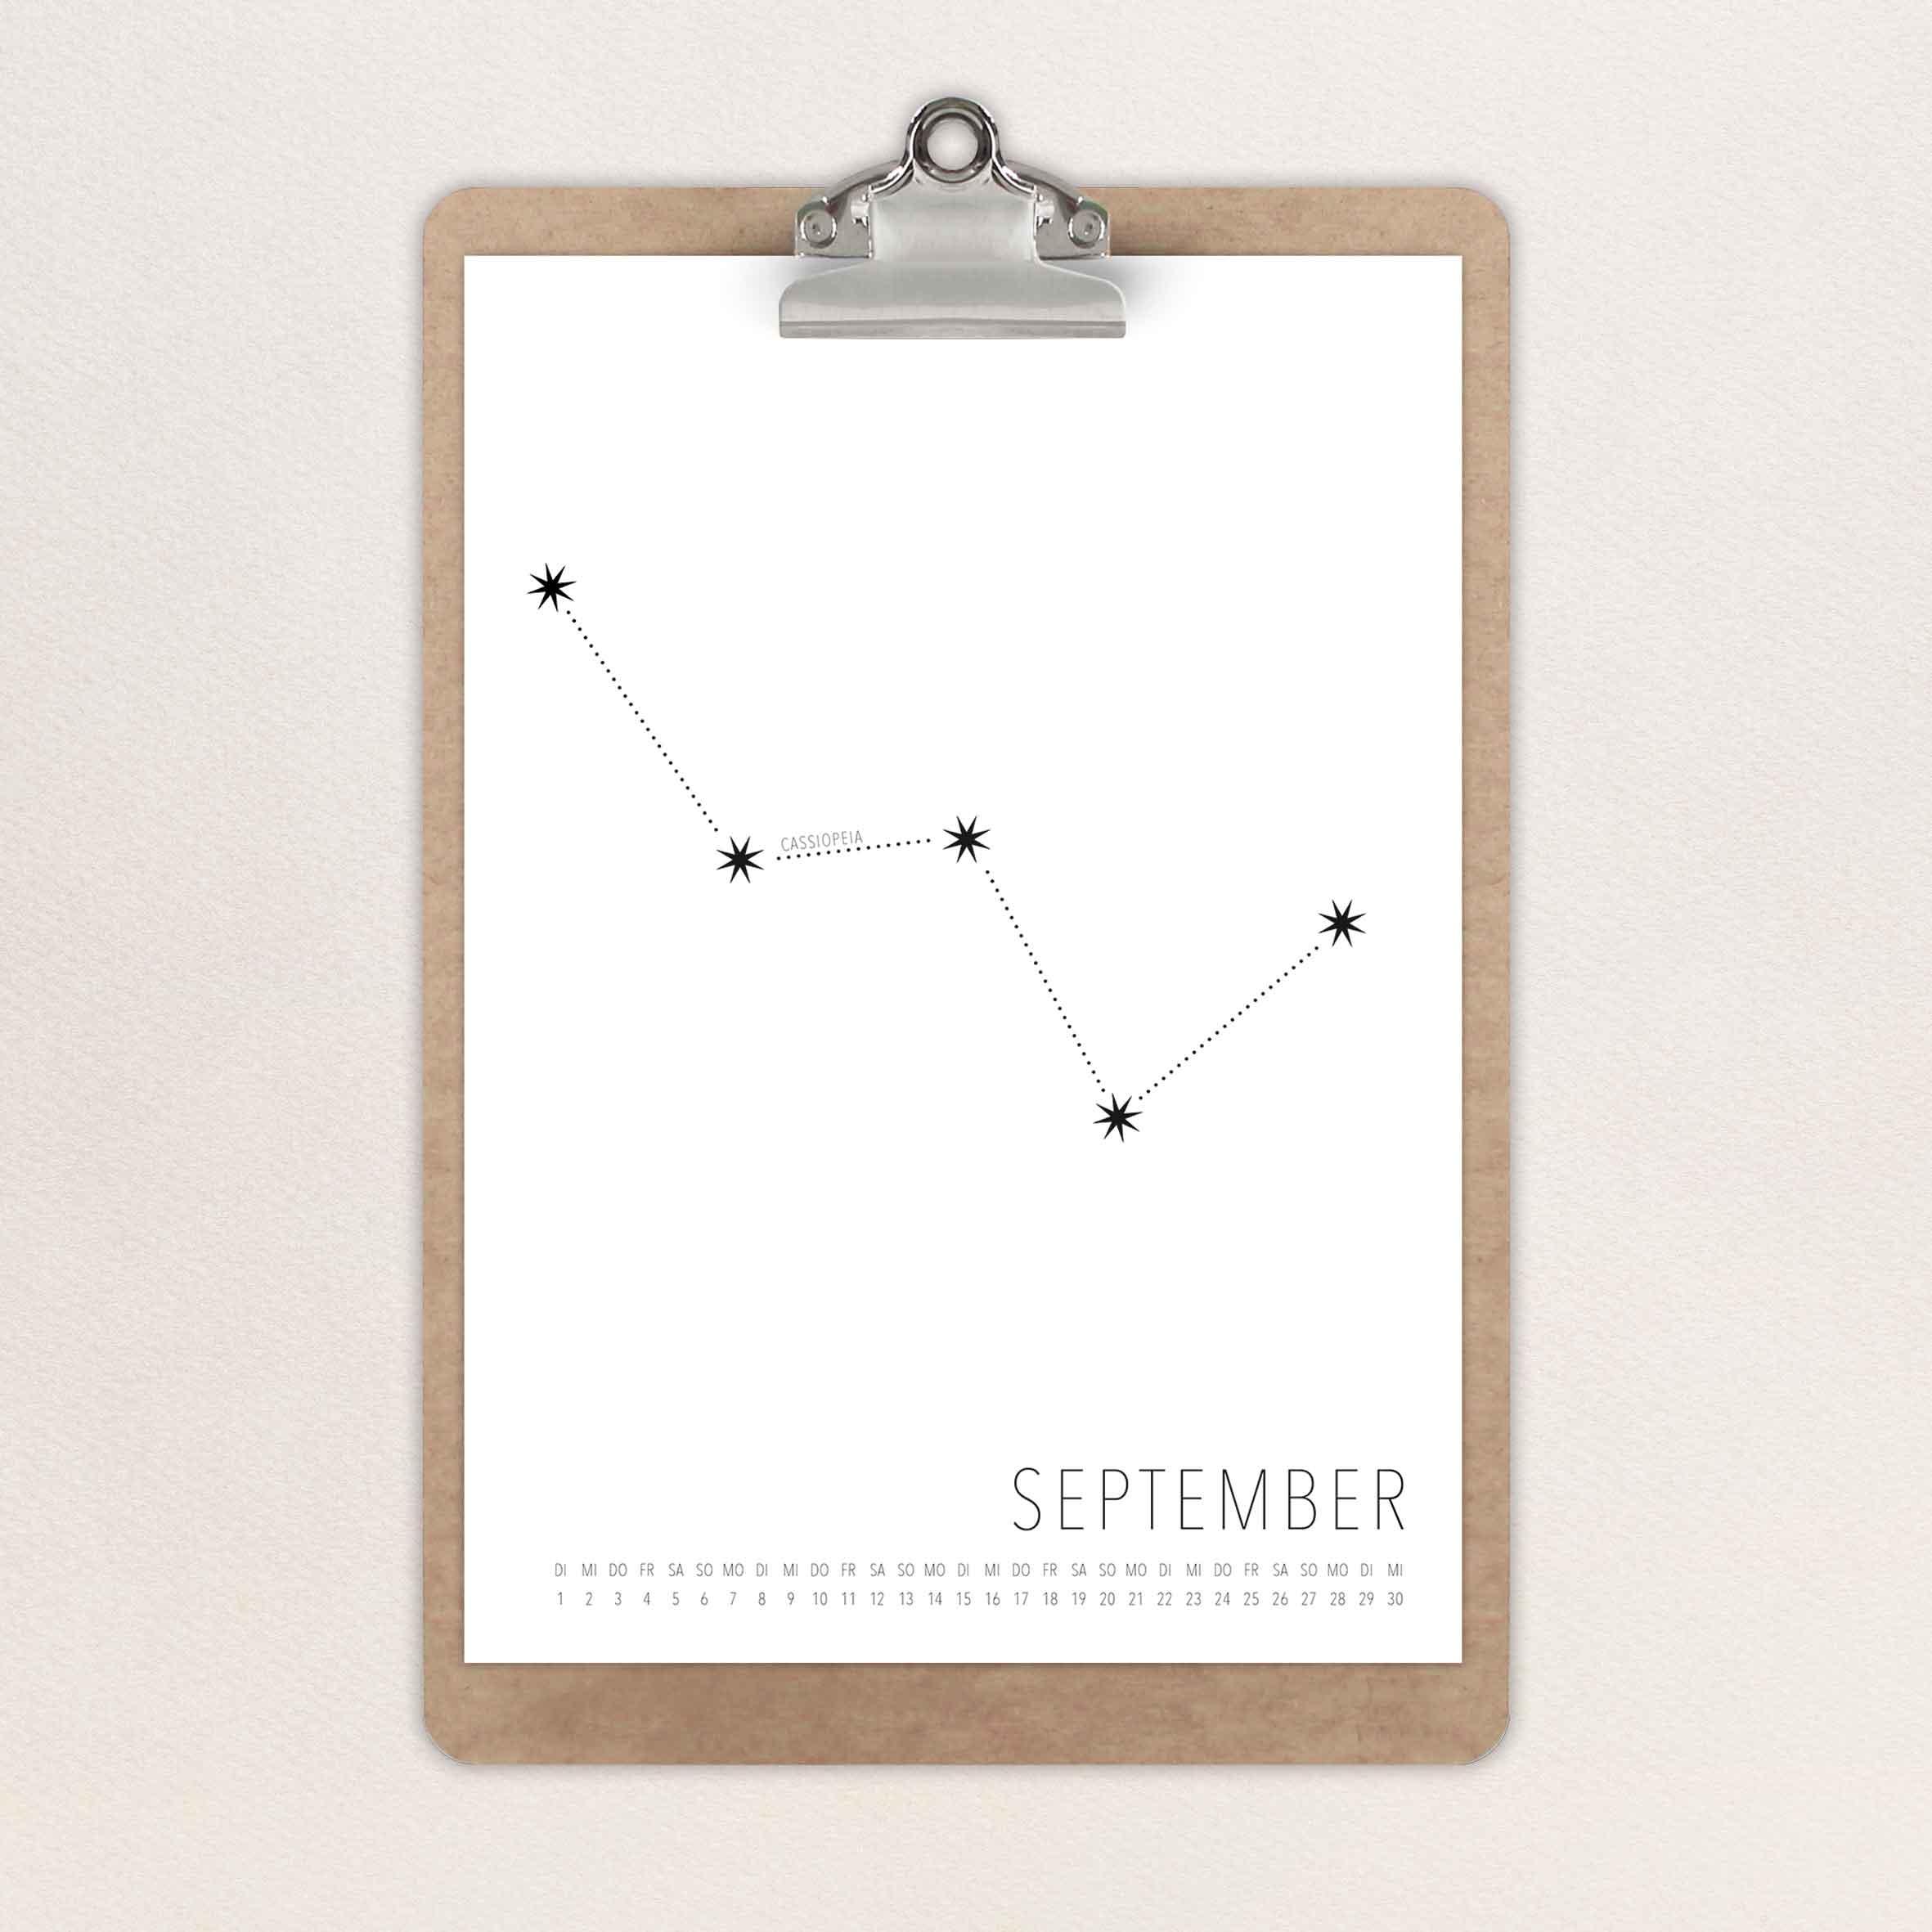 Gestaltung eines Kalenders mit dem Thema Sternbilder